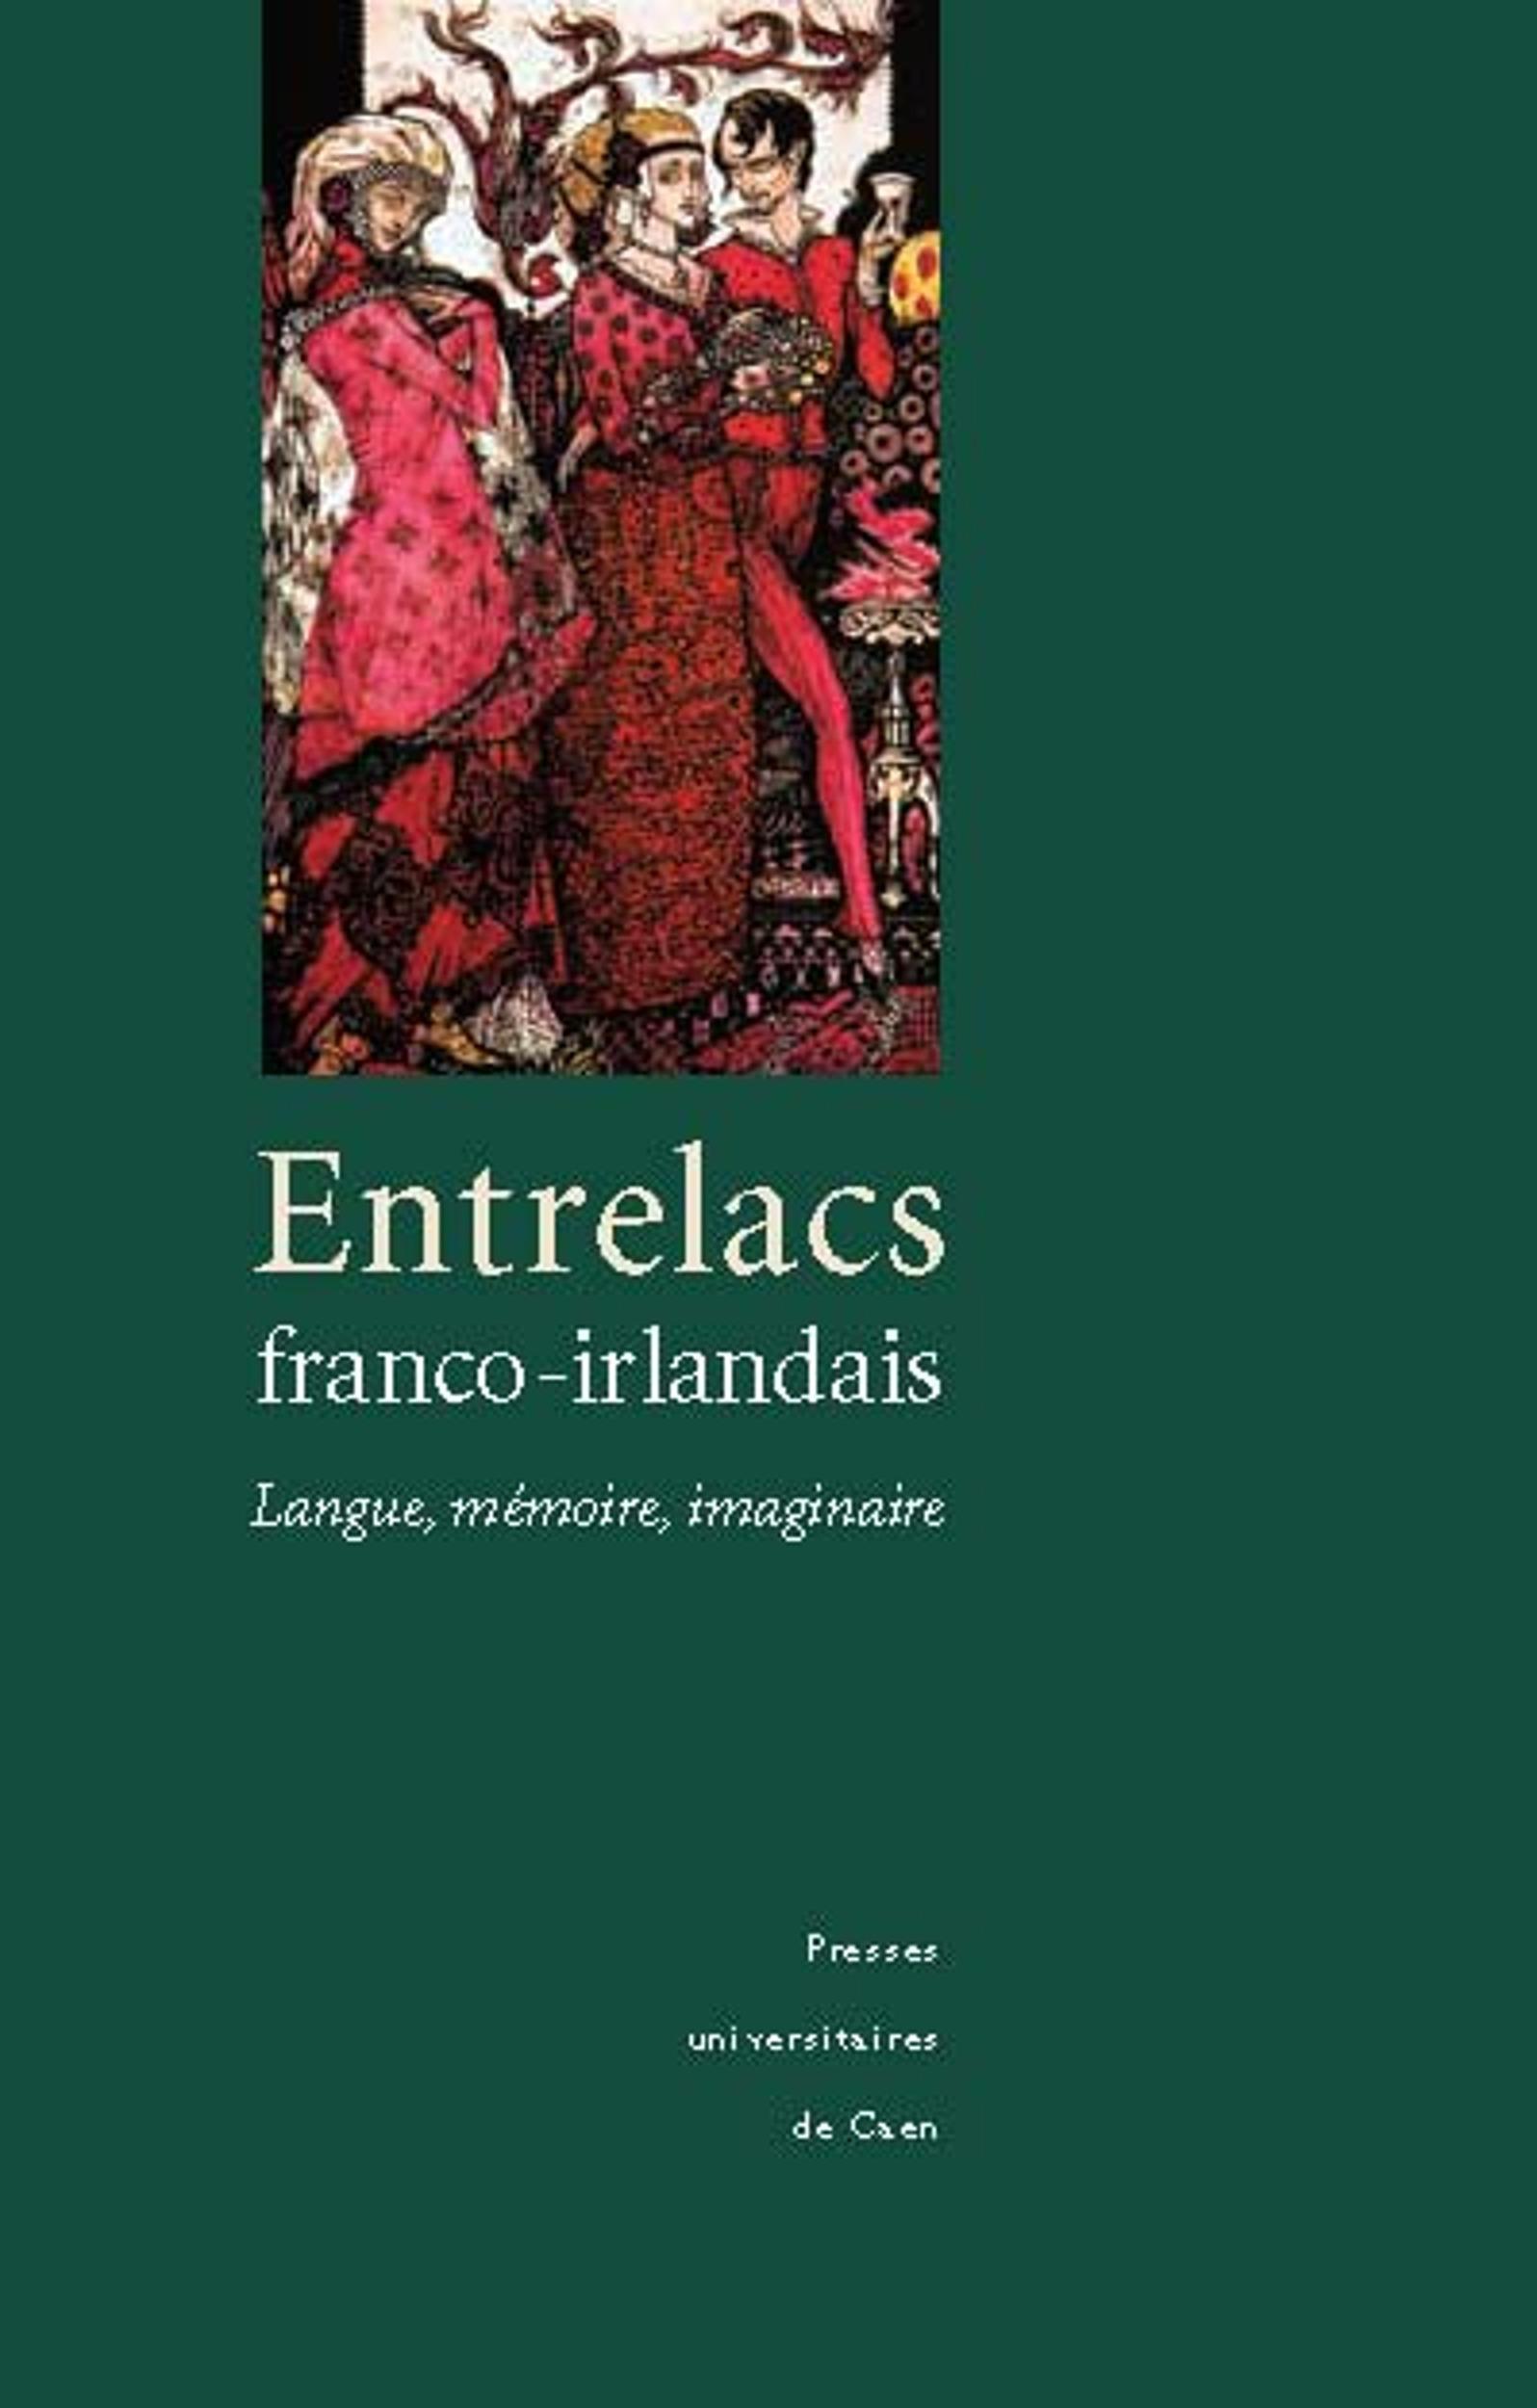 entrelacs franco-irlandais - langue, memoire, imaginaire